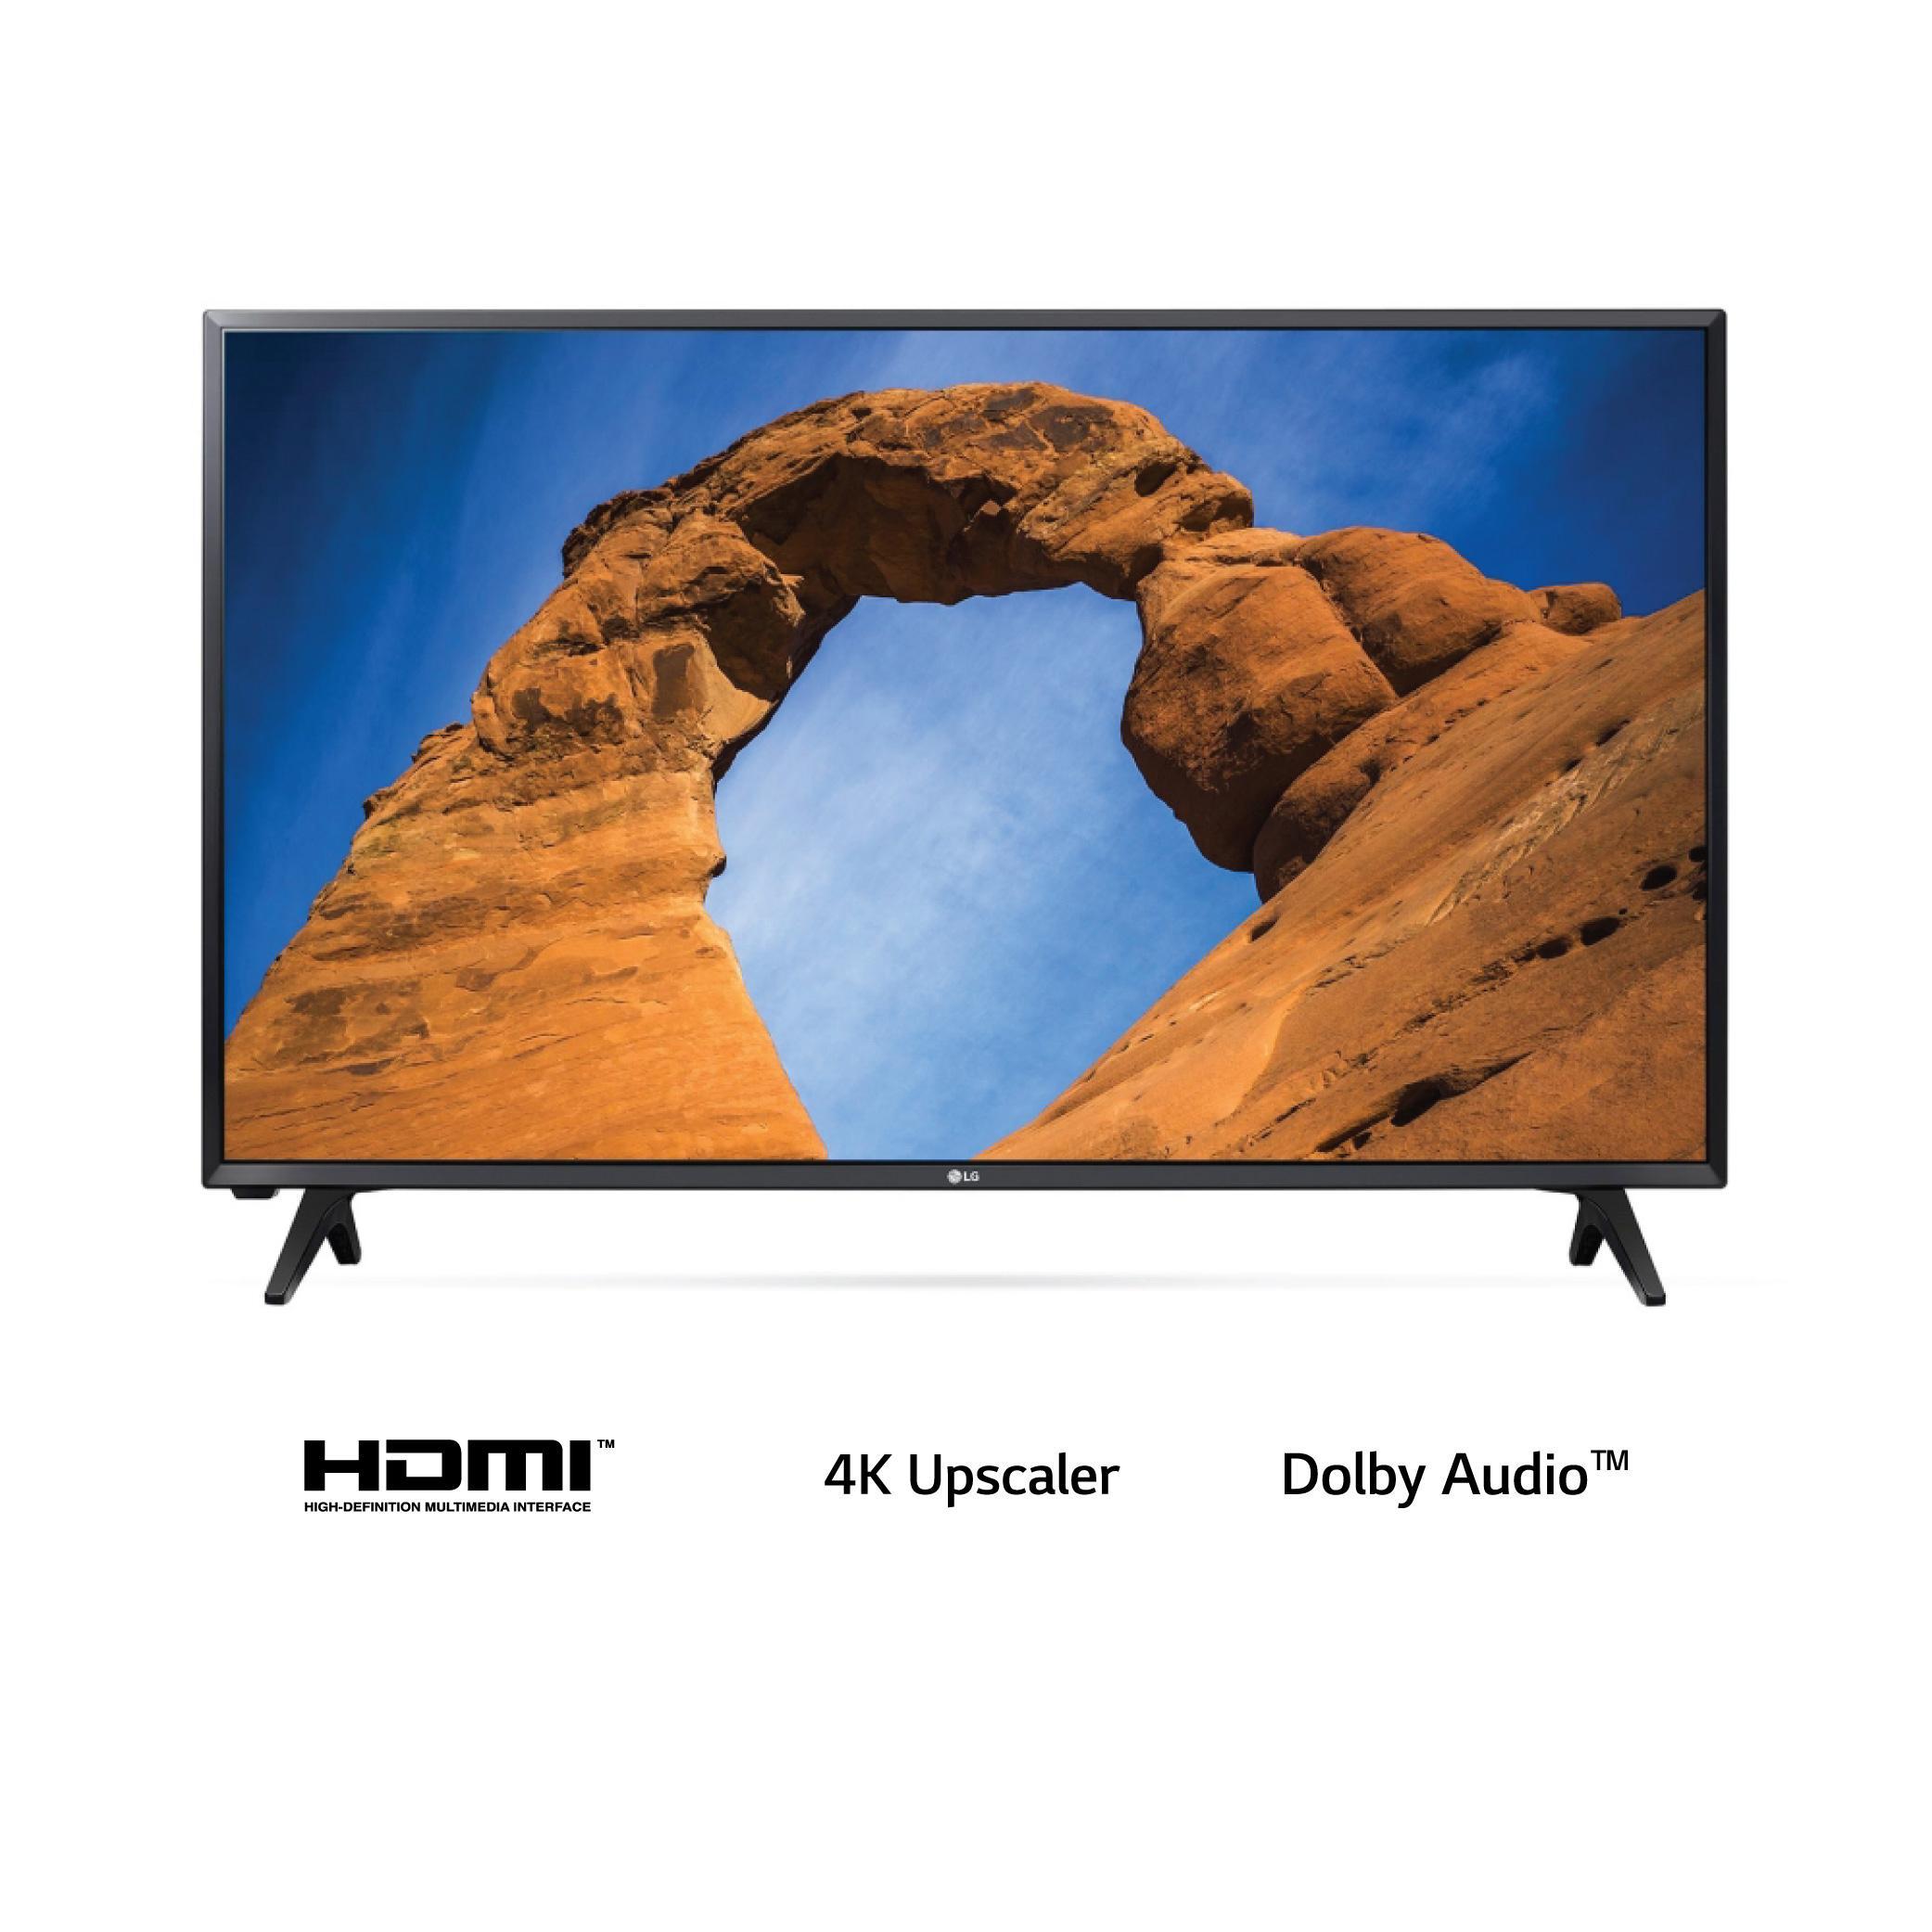 LG 32 inch LED TV – Dolby Audio (model 32LK500BPTA)